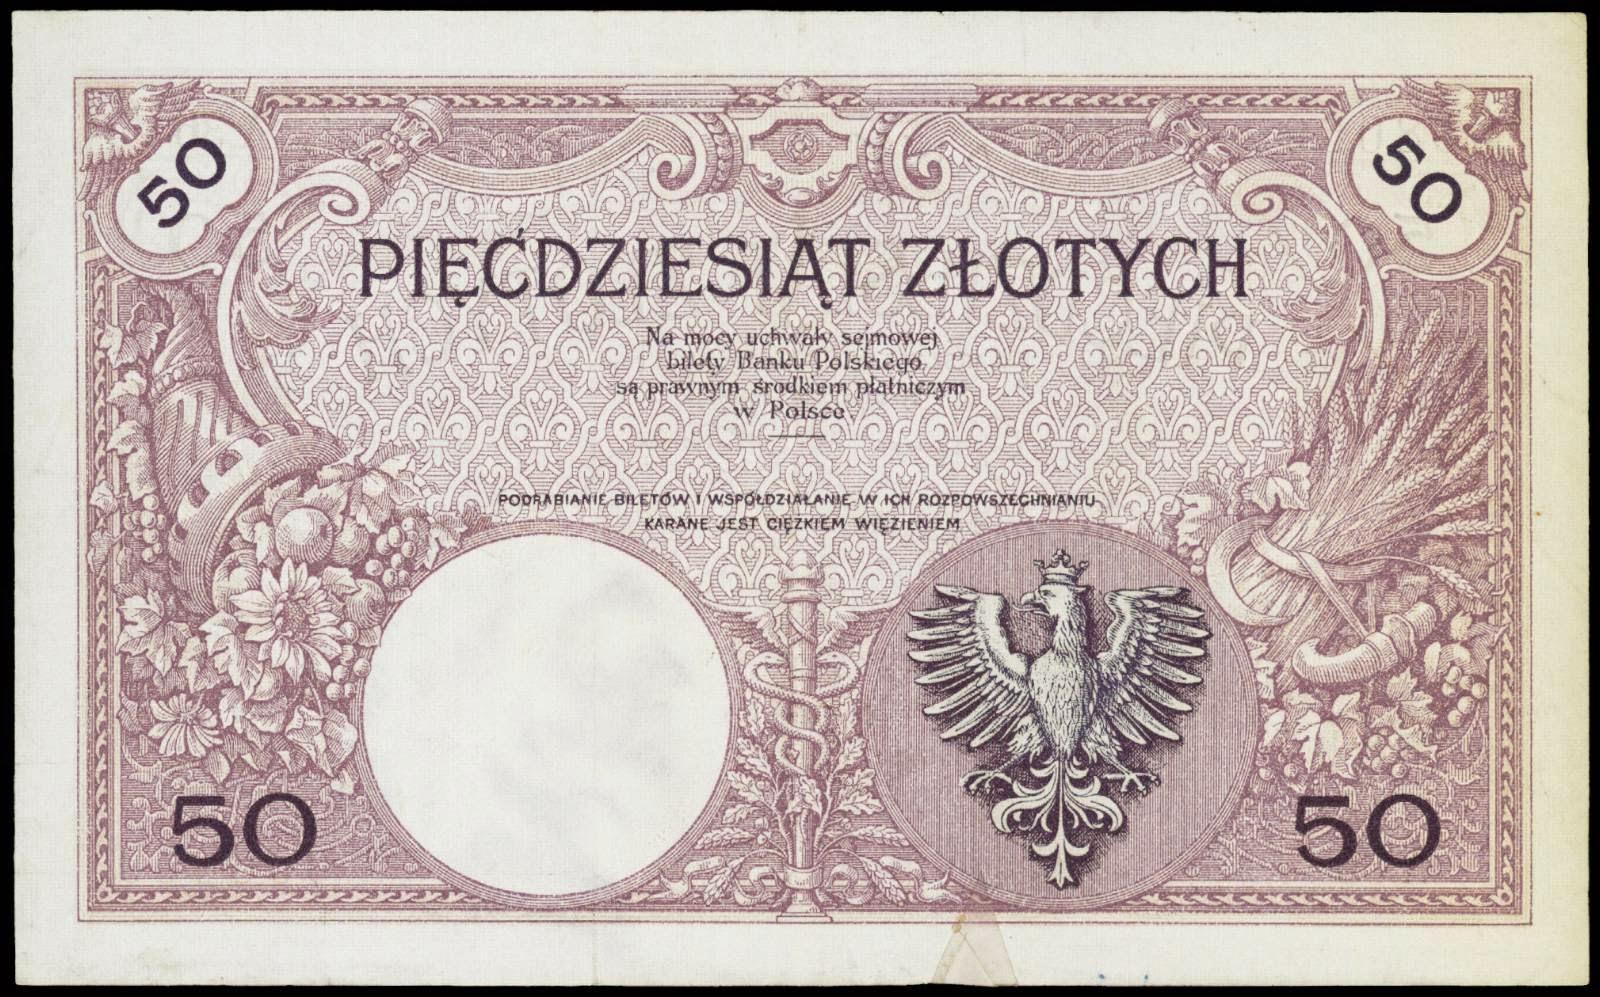 50 Polish Zloty note 1919 Bank Polski